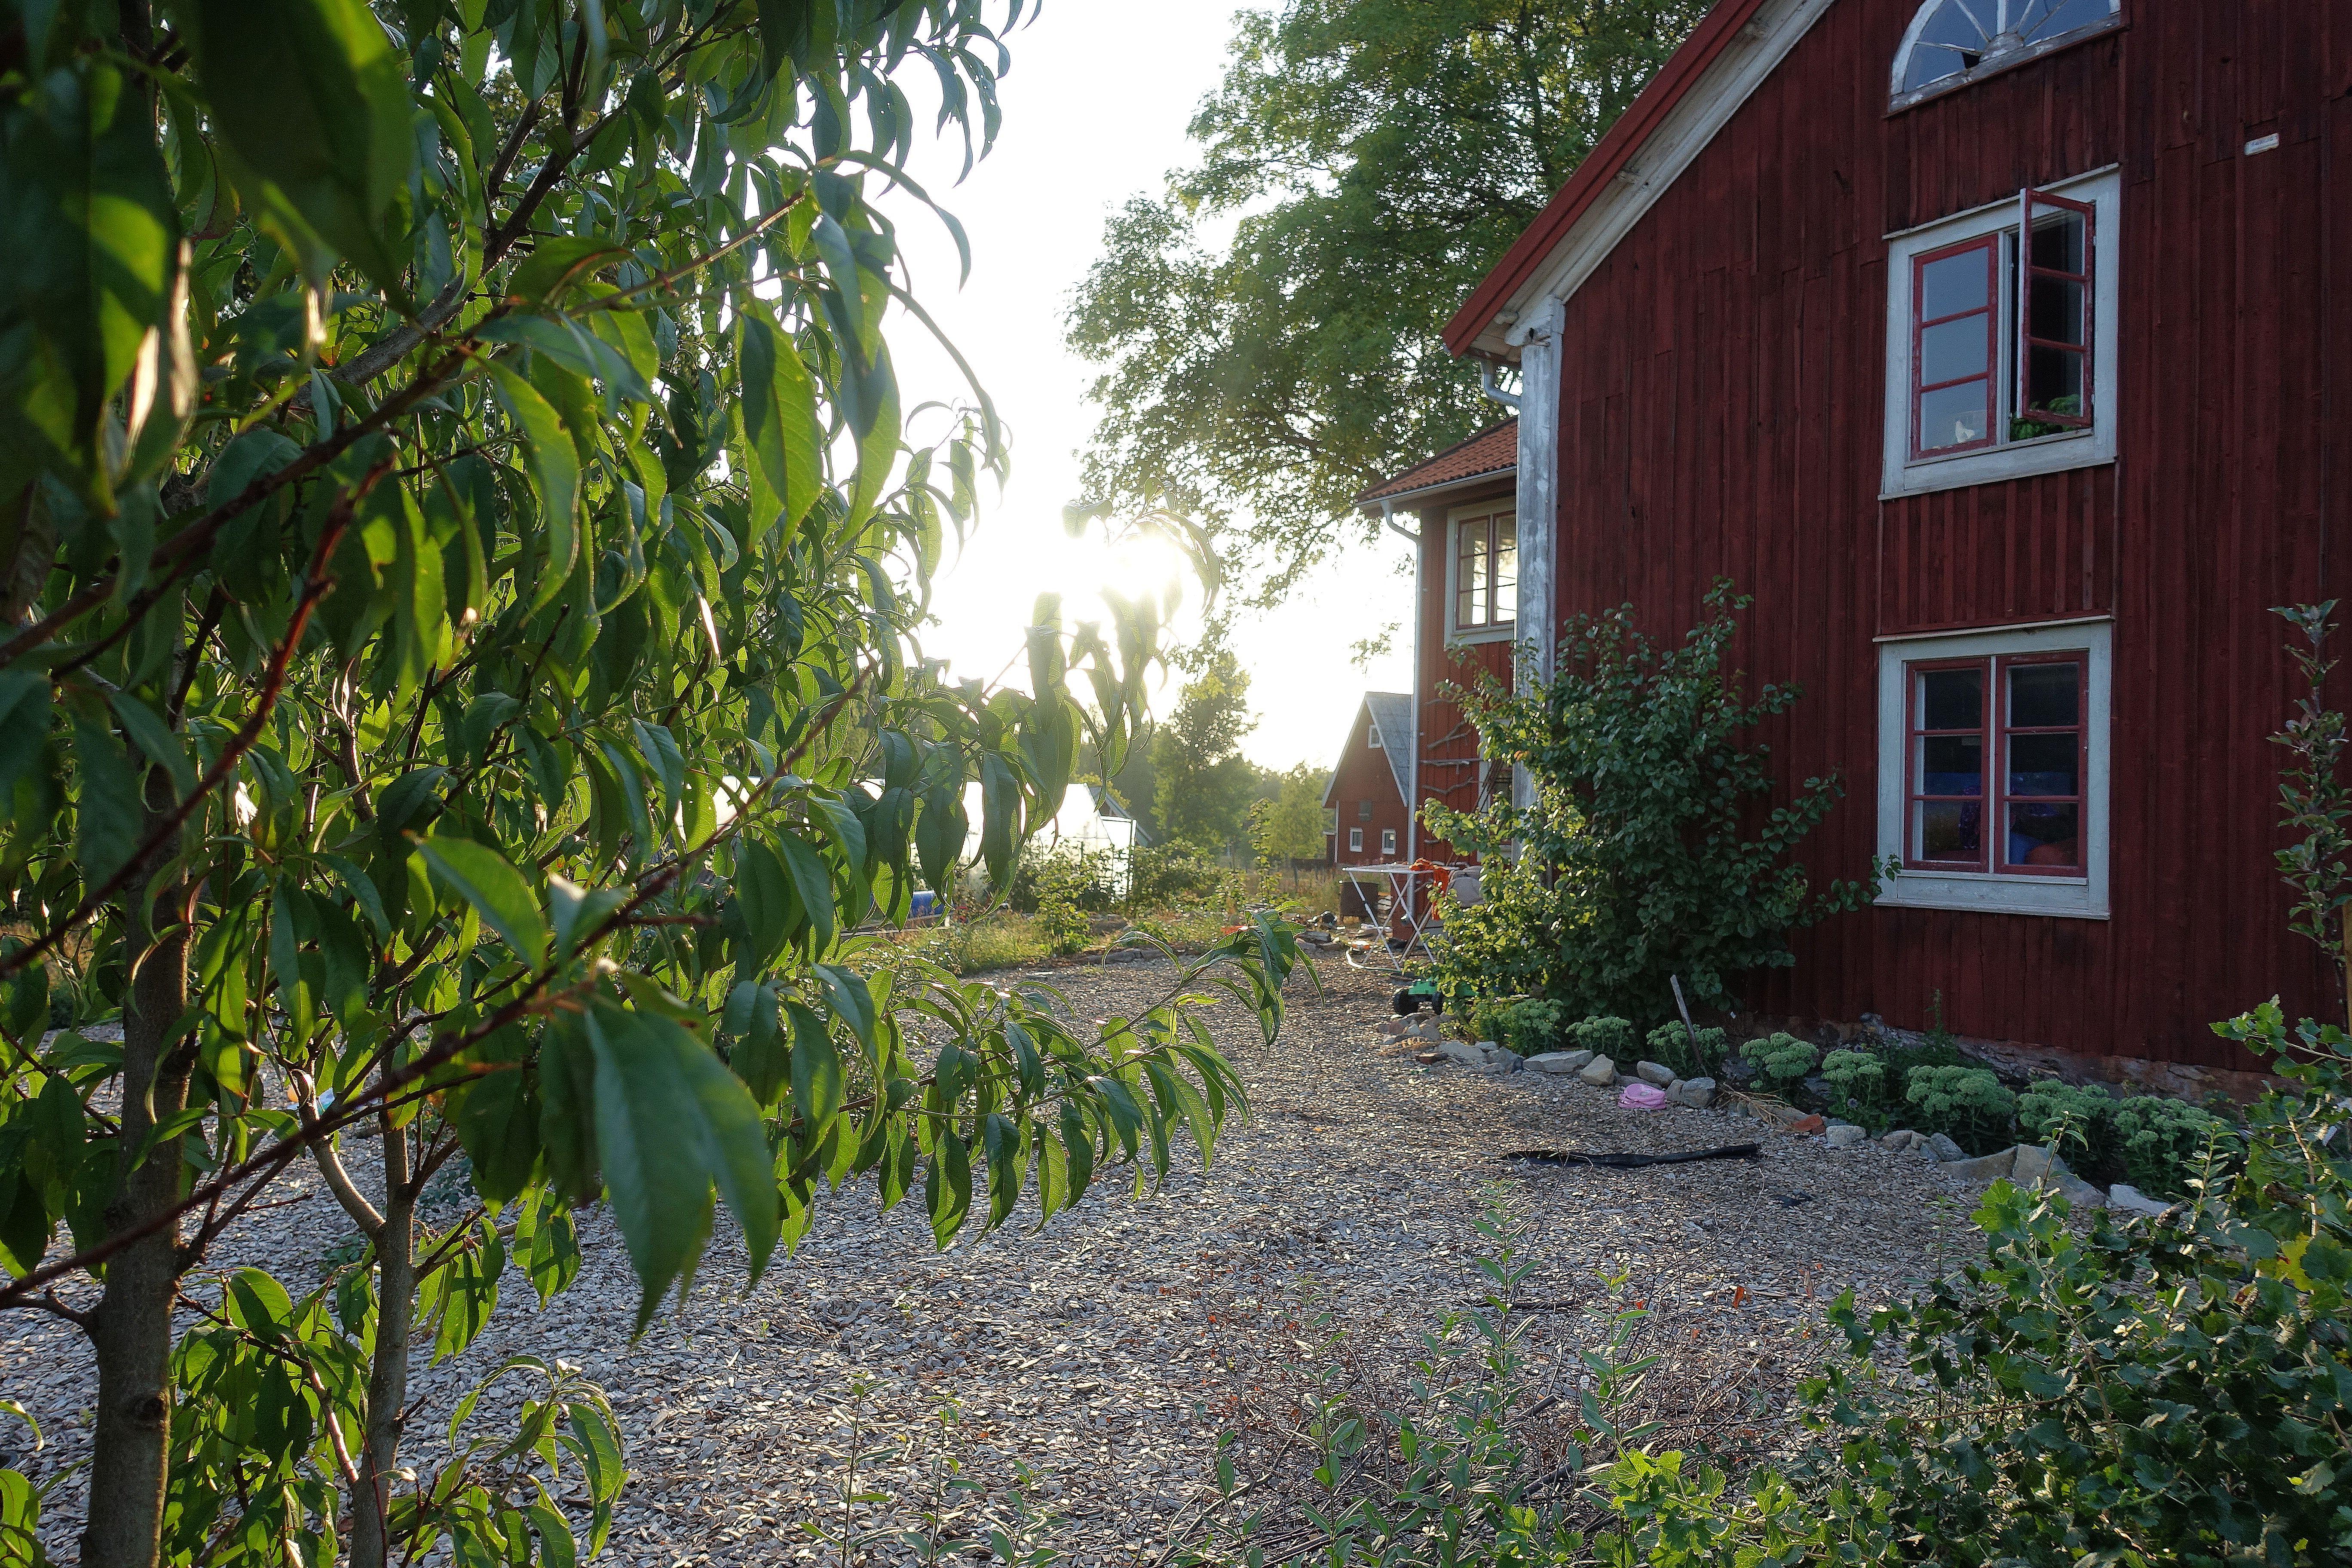 En bild från trädgården i solnedgång med ett grönt träd i förgrunden - ett persikoträd. Peach varieties, my garden in the sunset.